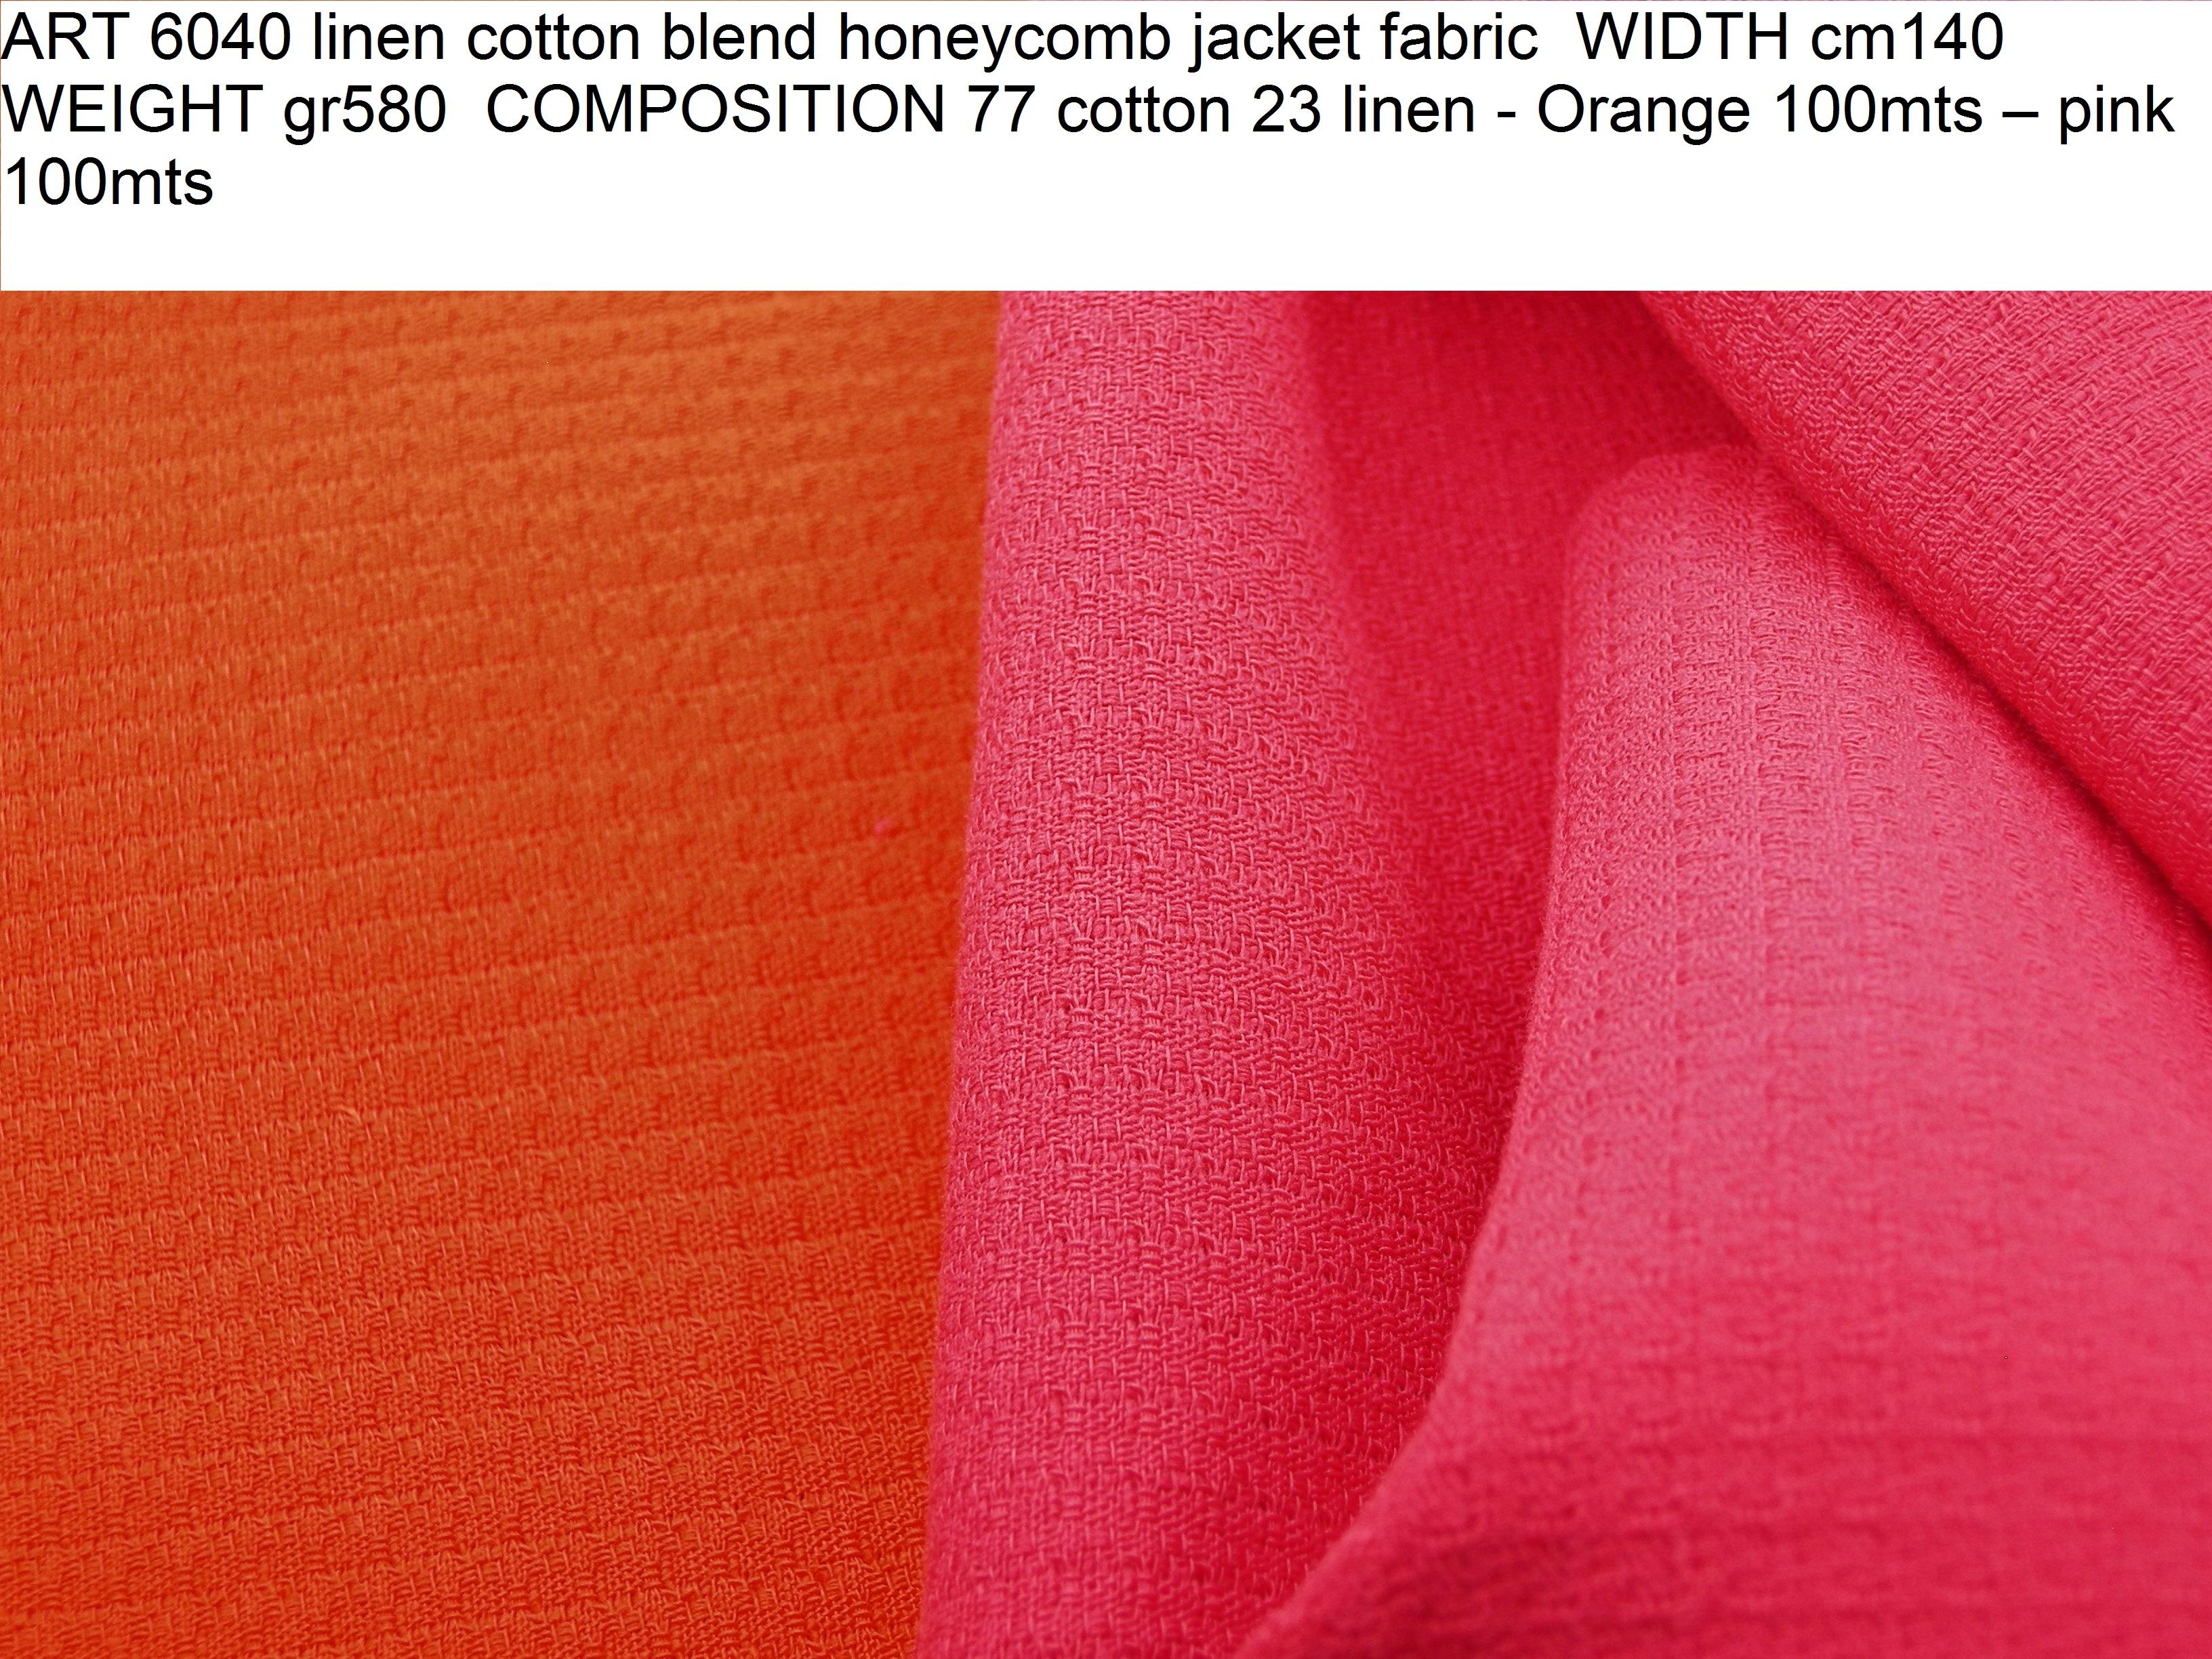 ART 6040 linen cotton blend honeycomb jacket fabric WIDTH cm140 WEIGHT gr580 COMPOSITION 77 cotton 23 linen - Orange 100mts – pink 100mts